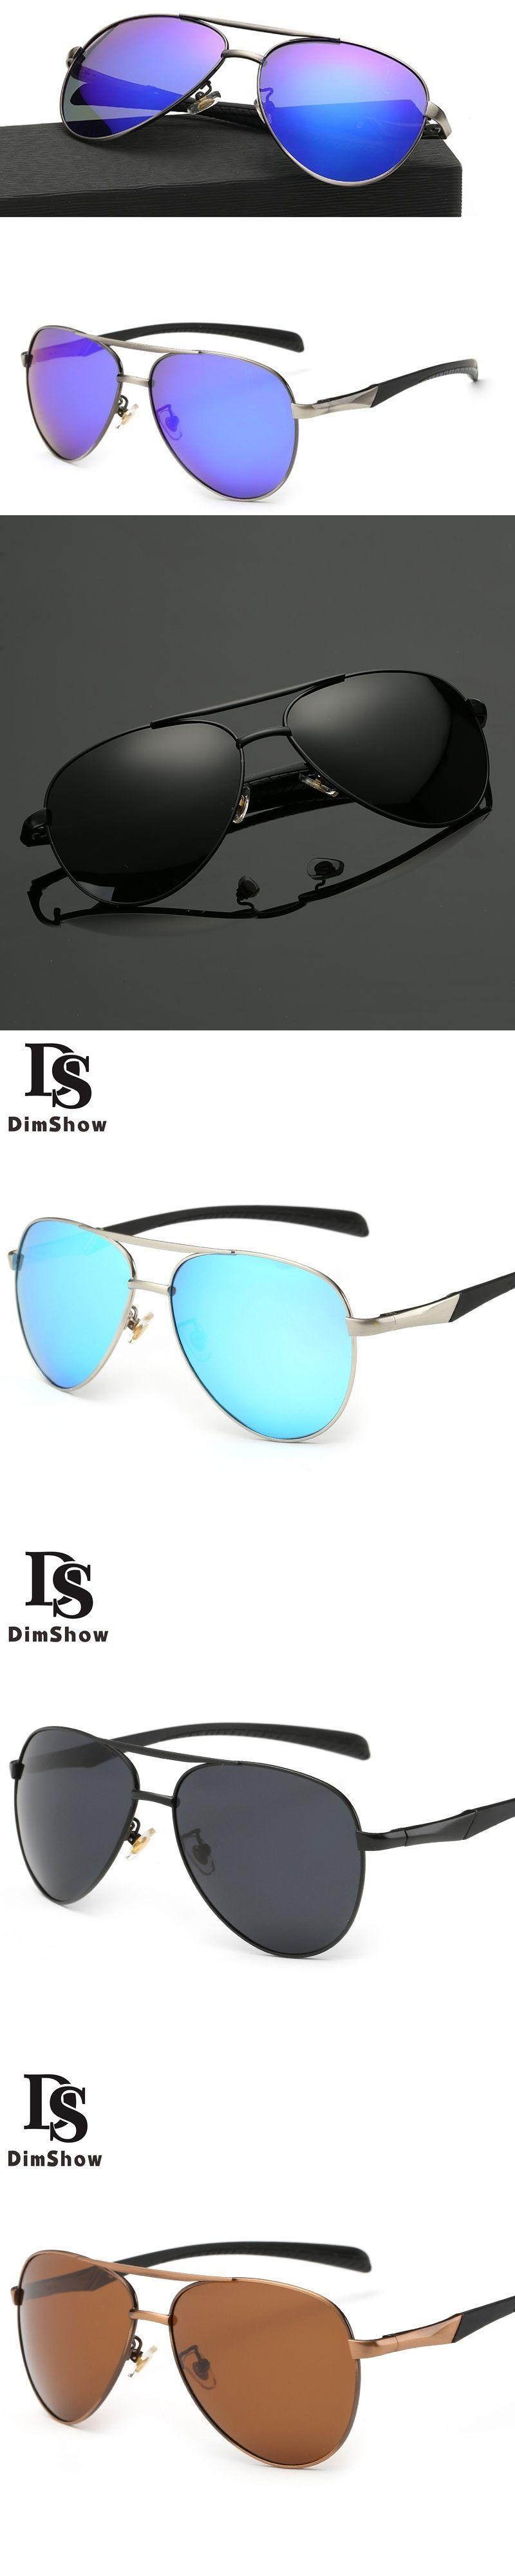 5d16deaddd Dimshow Best Pilot Glasses Polarized Aviation Sunglasses Men Women High  Quality Alloy Frame Polaroid Lenses Rubber